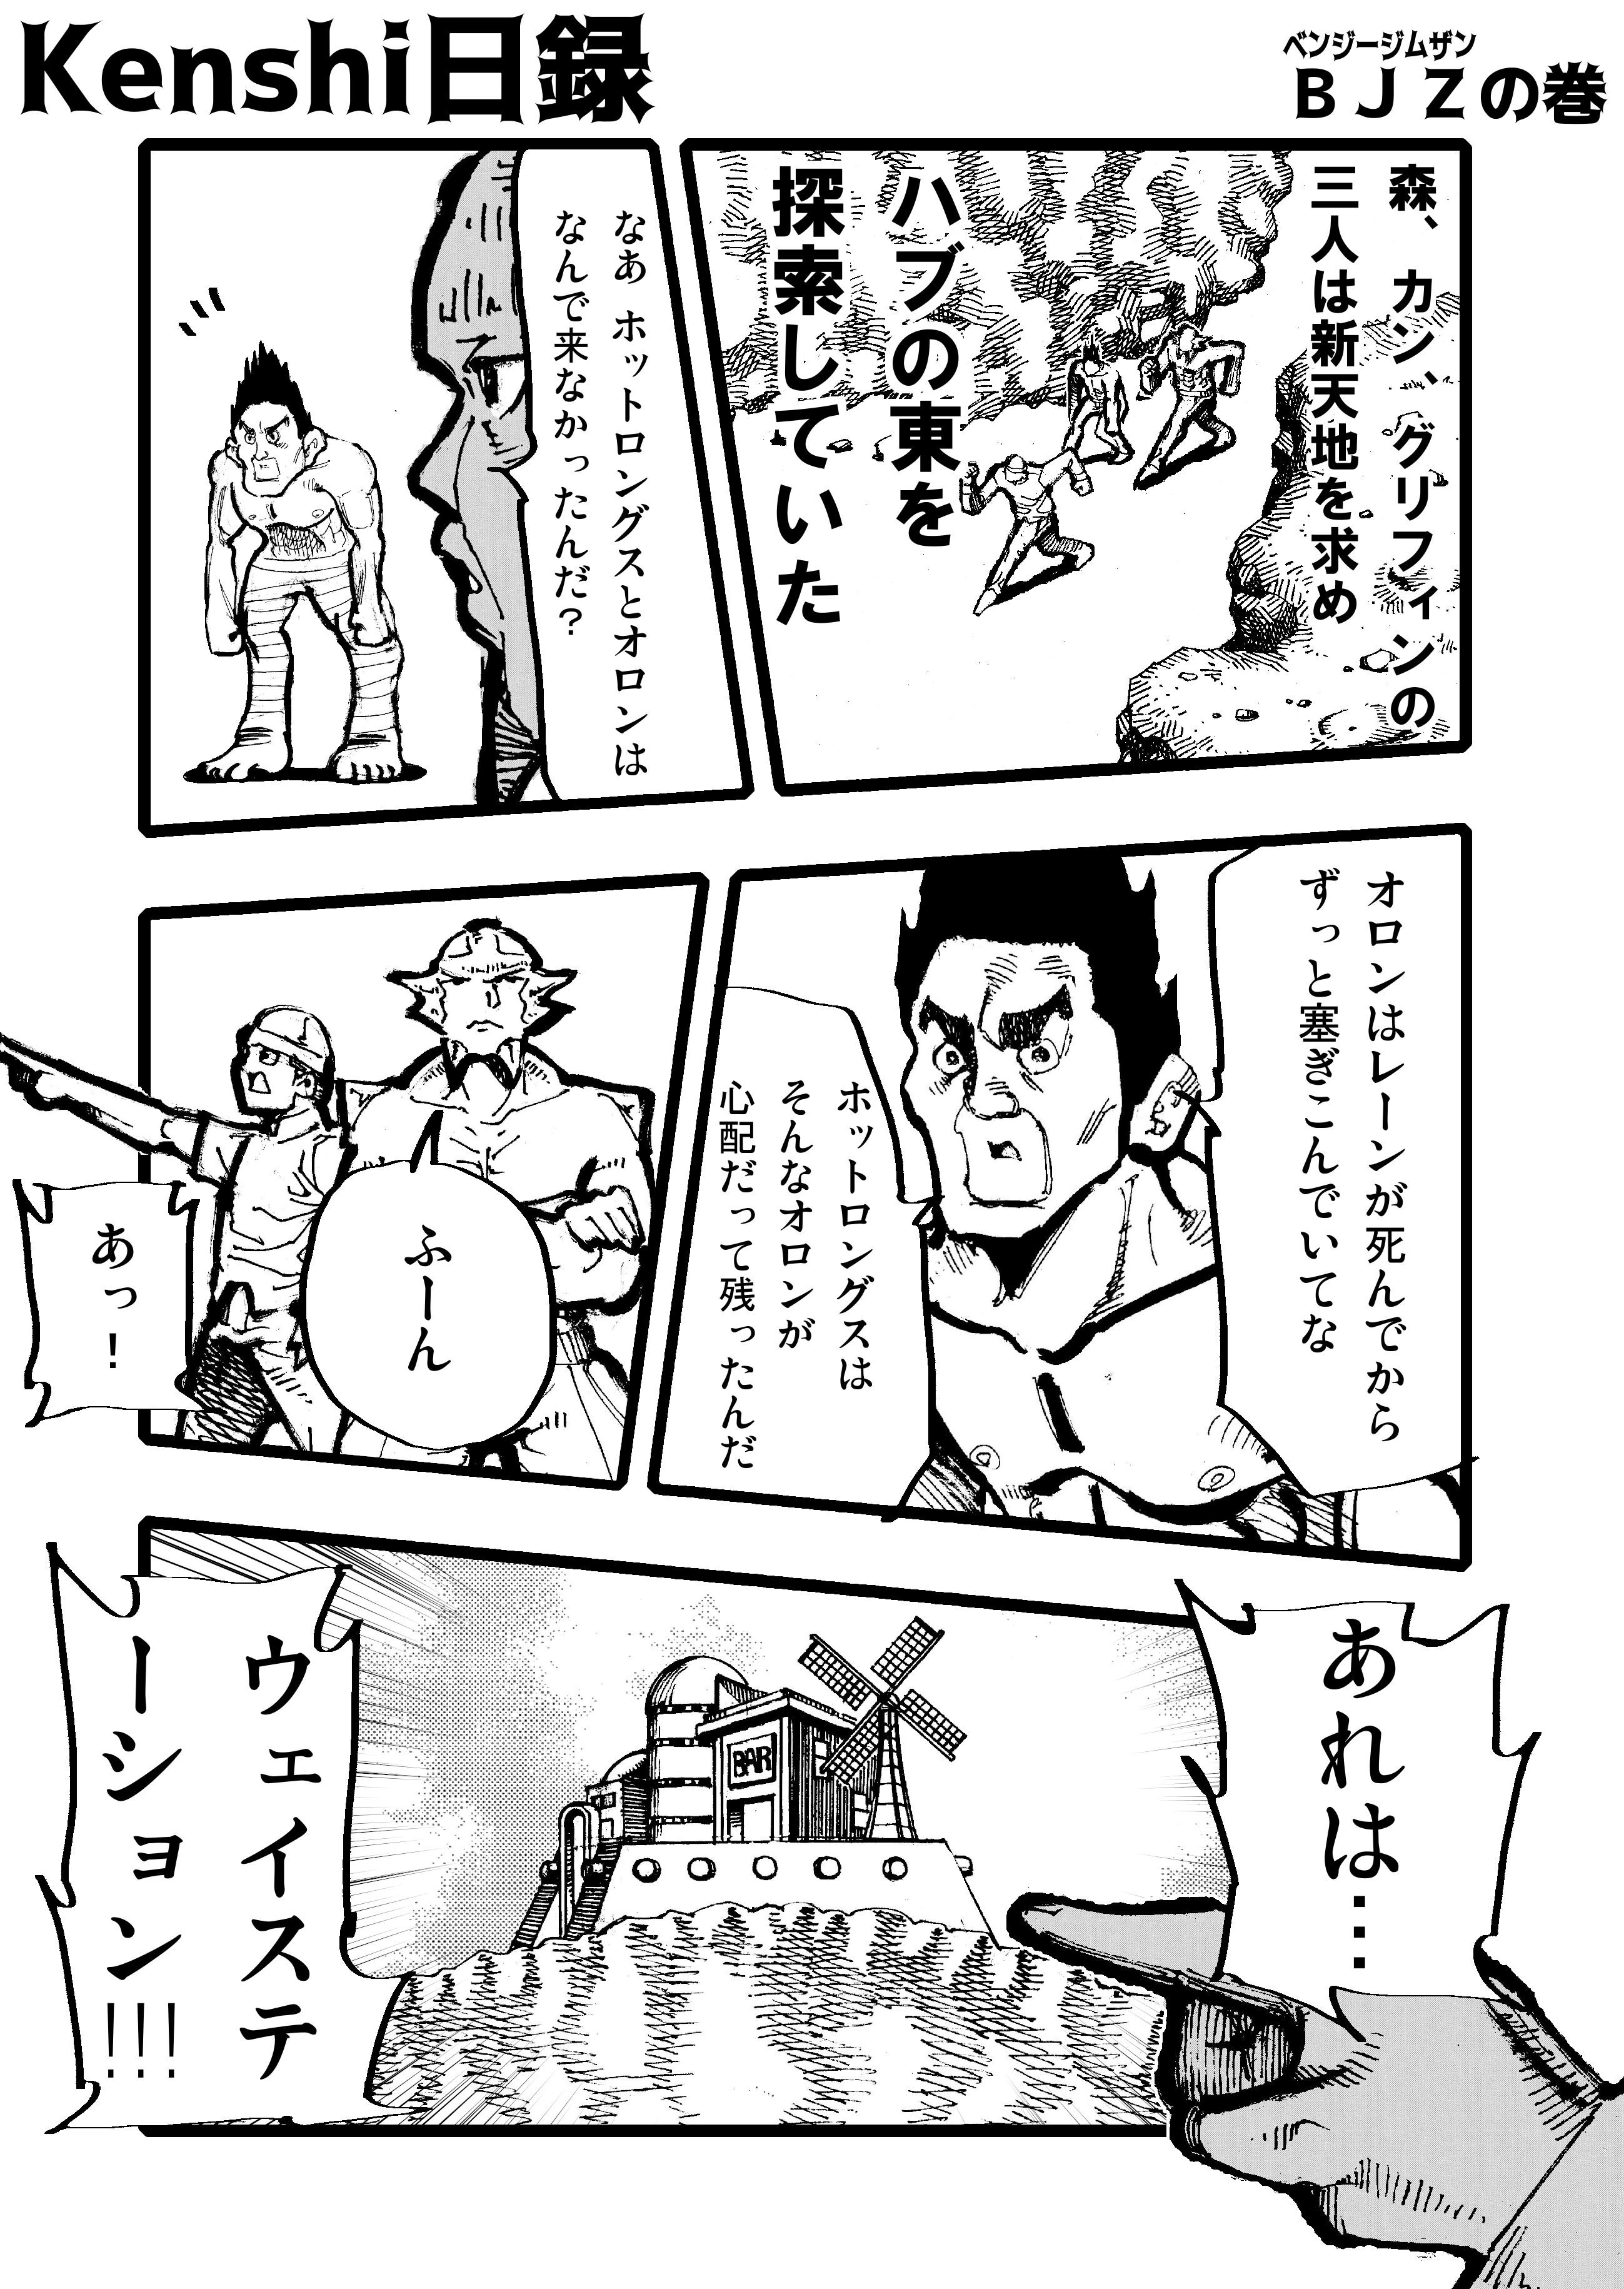 Kenshi日記19 BJZの巻